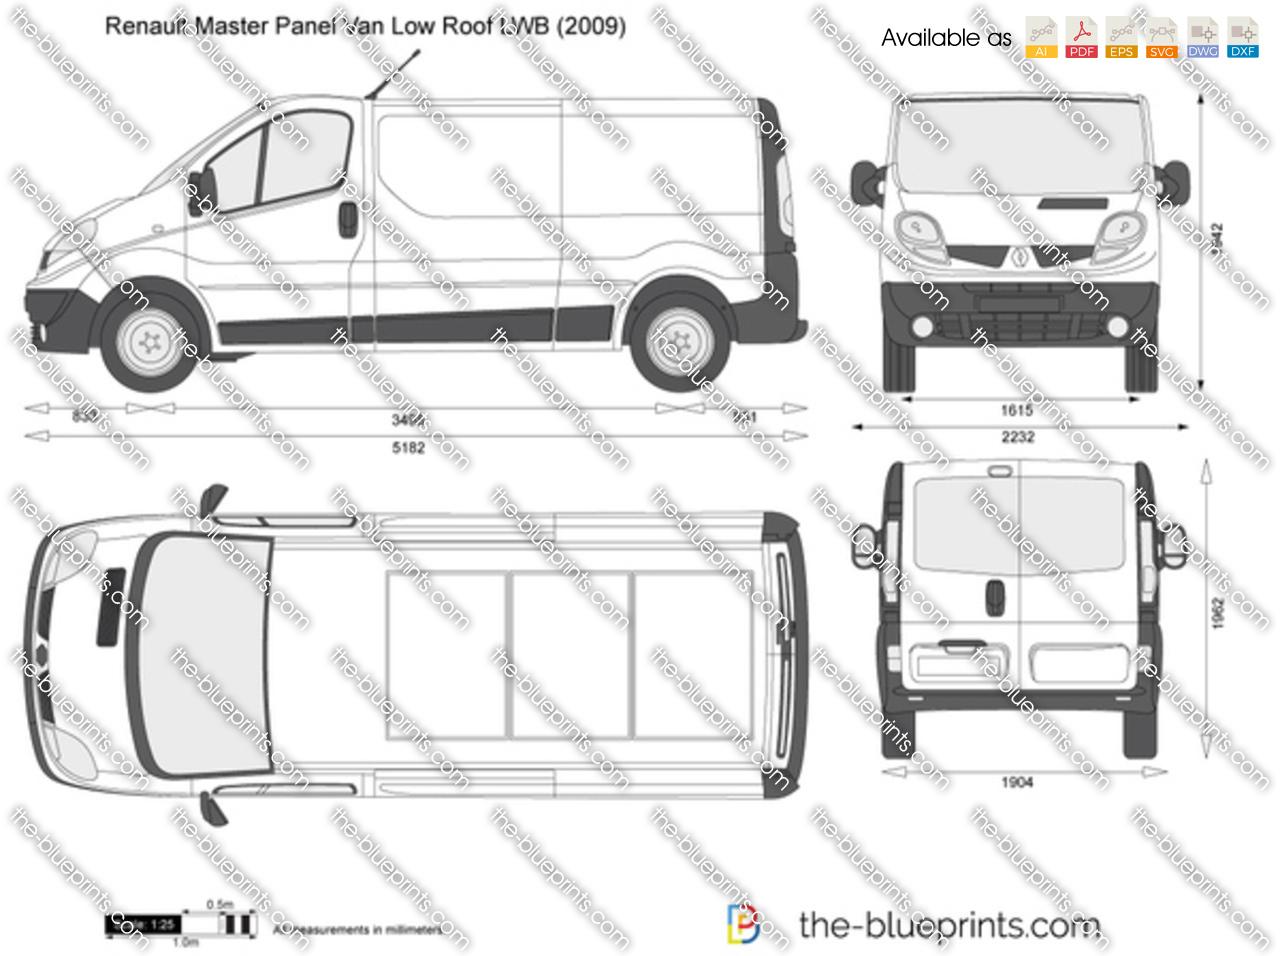 Renault Trafic Panel Van Low Roof LWB 2003